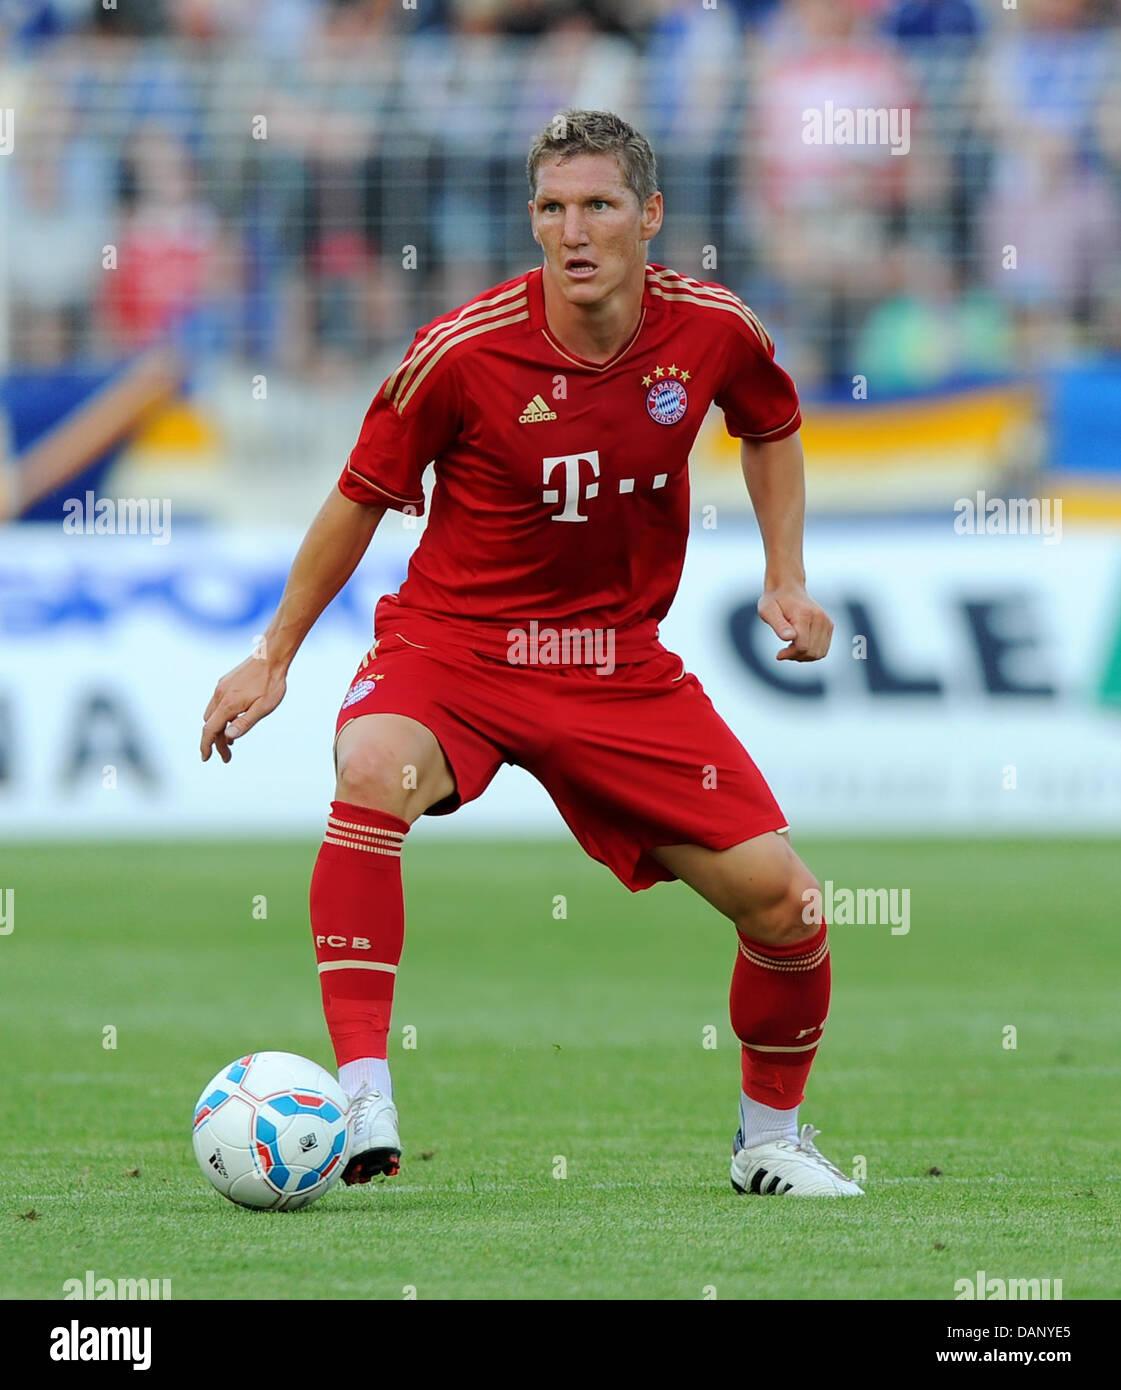 Bastian Schweinsteiger of FC Bayern Munich controls the ball